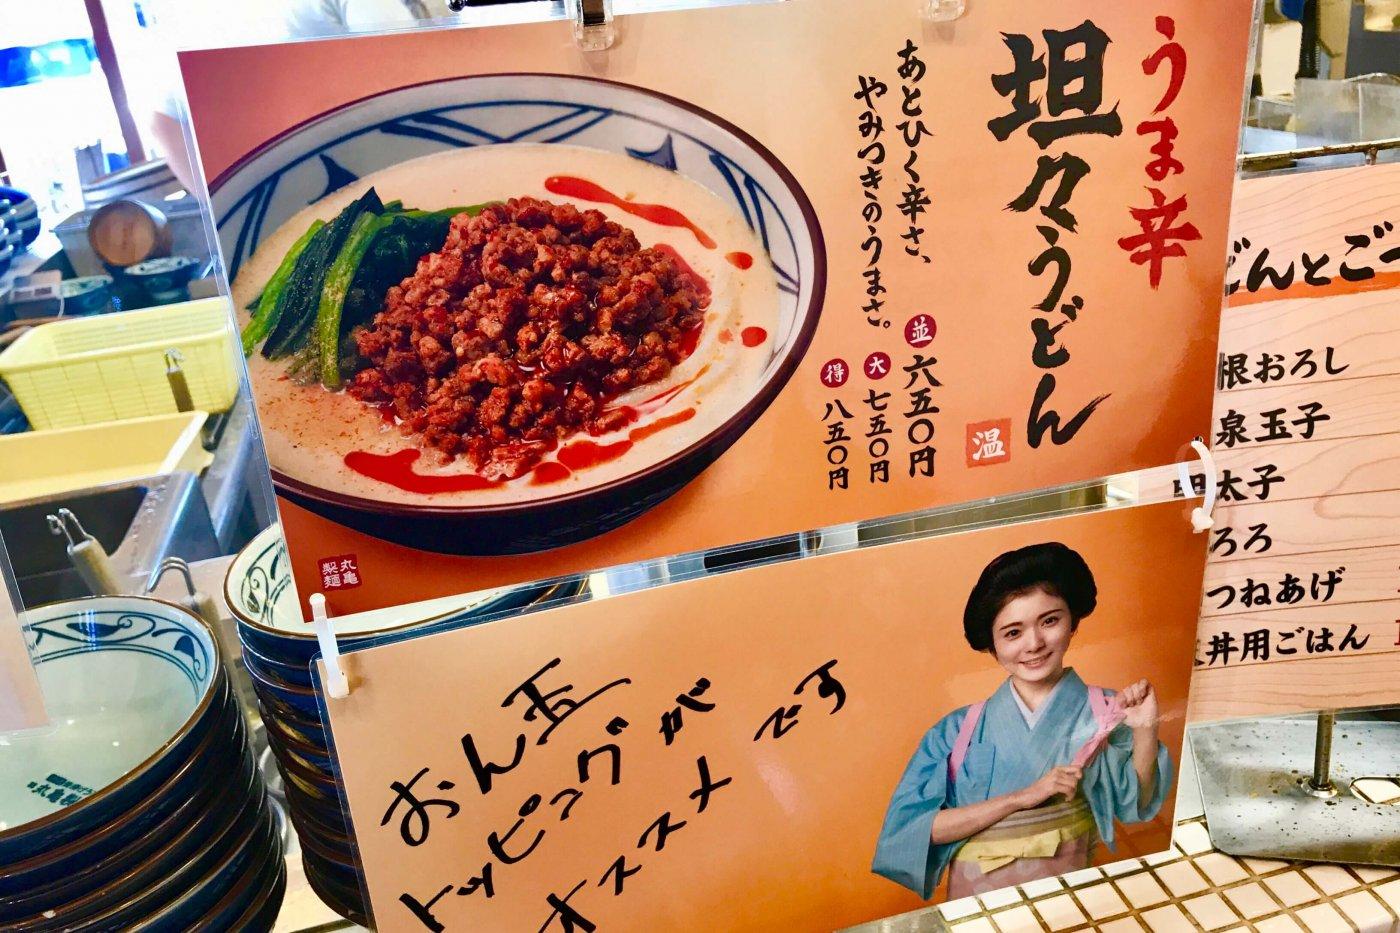 丸亀製麺の期間限定メニュー うま辛坦々うどんのポップ